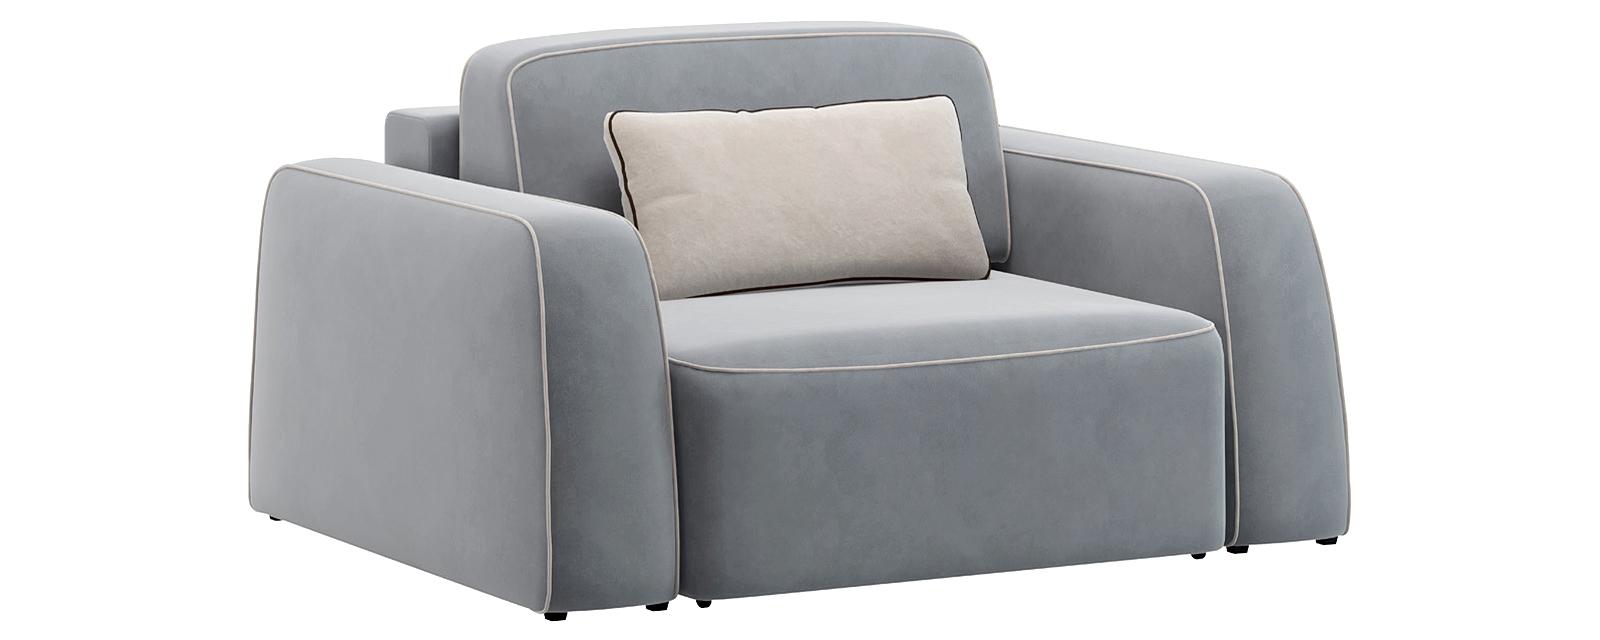 Кресло тканевое Портленд 100 см Velutto серый/бежевый (Велюр)